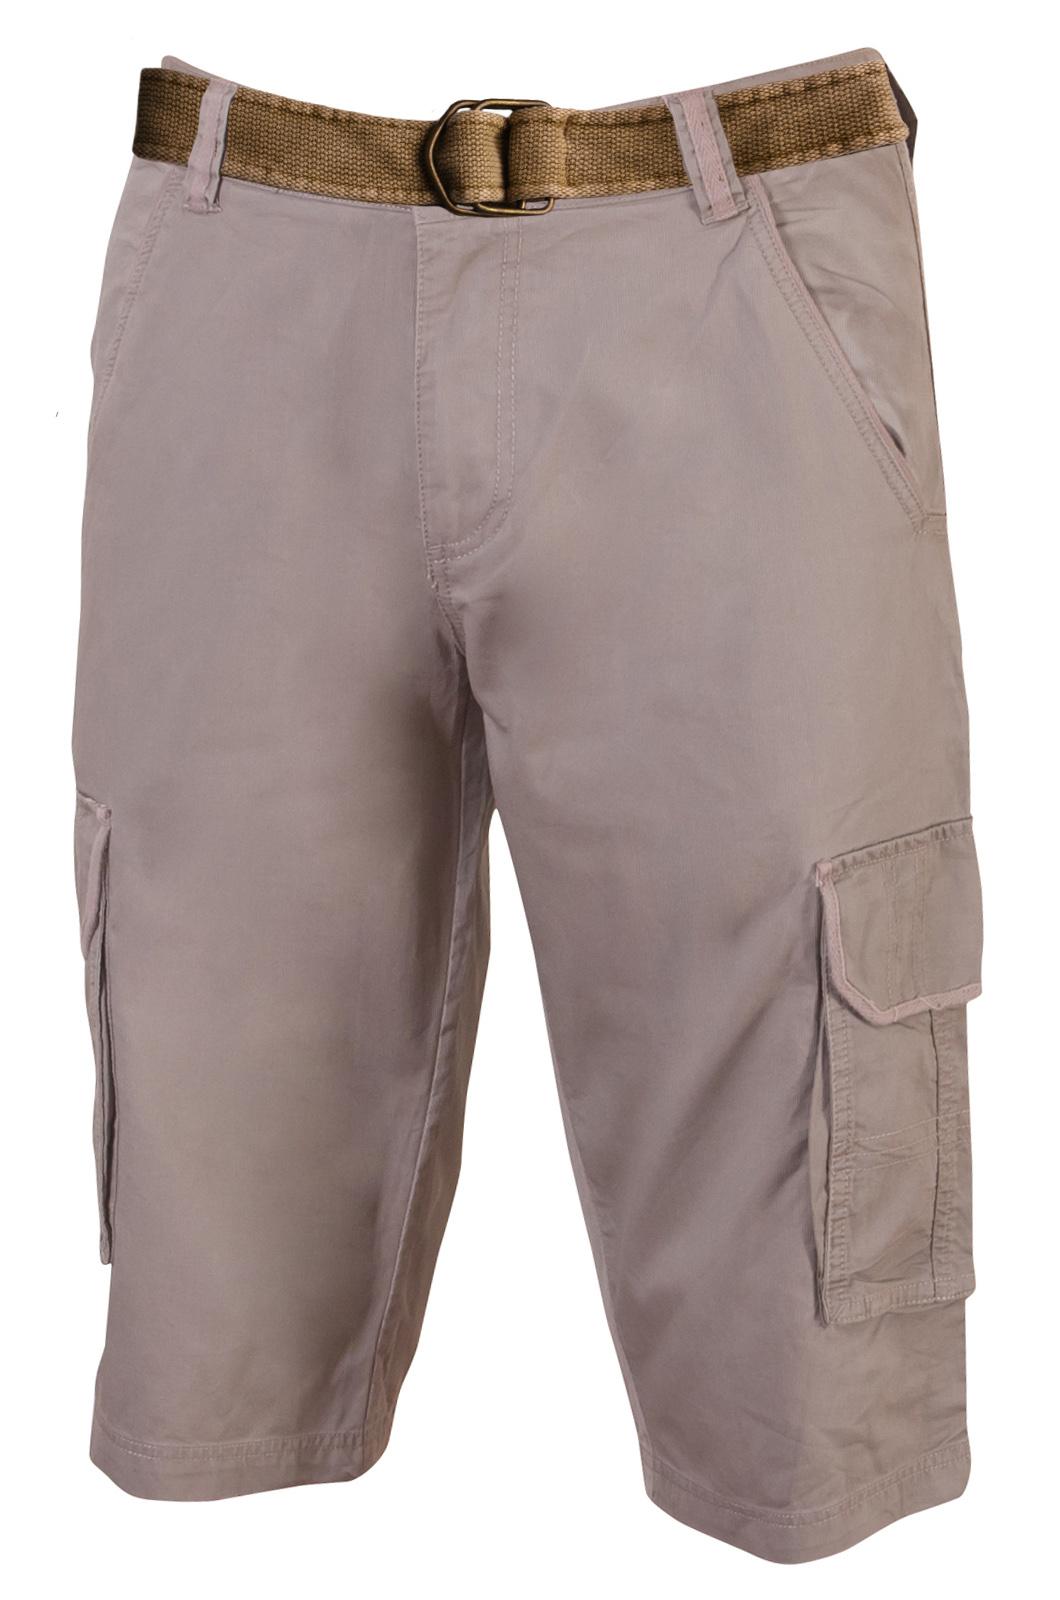 Мужские бежевые шорты - купить по низкой цене